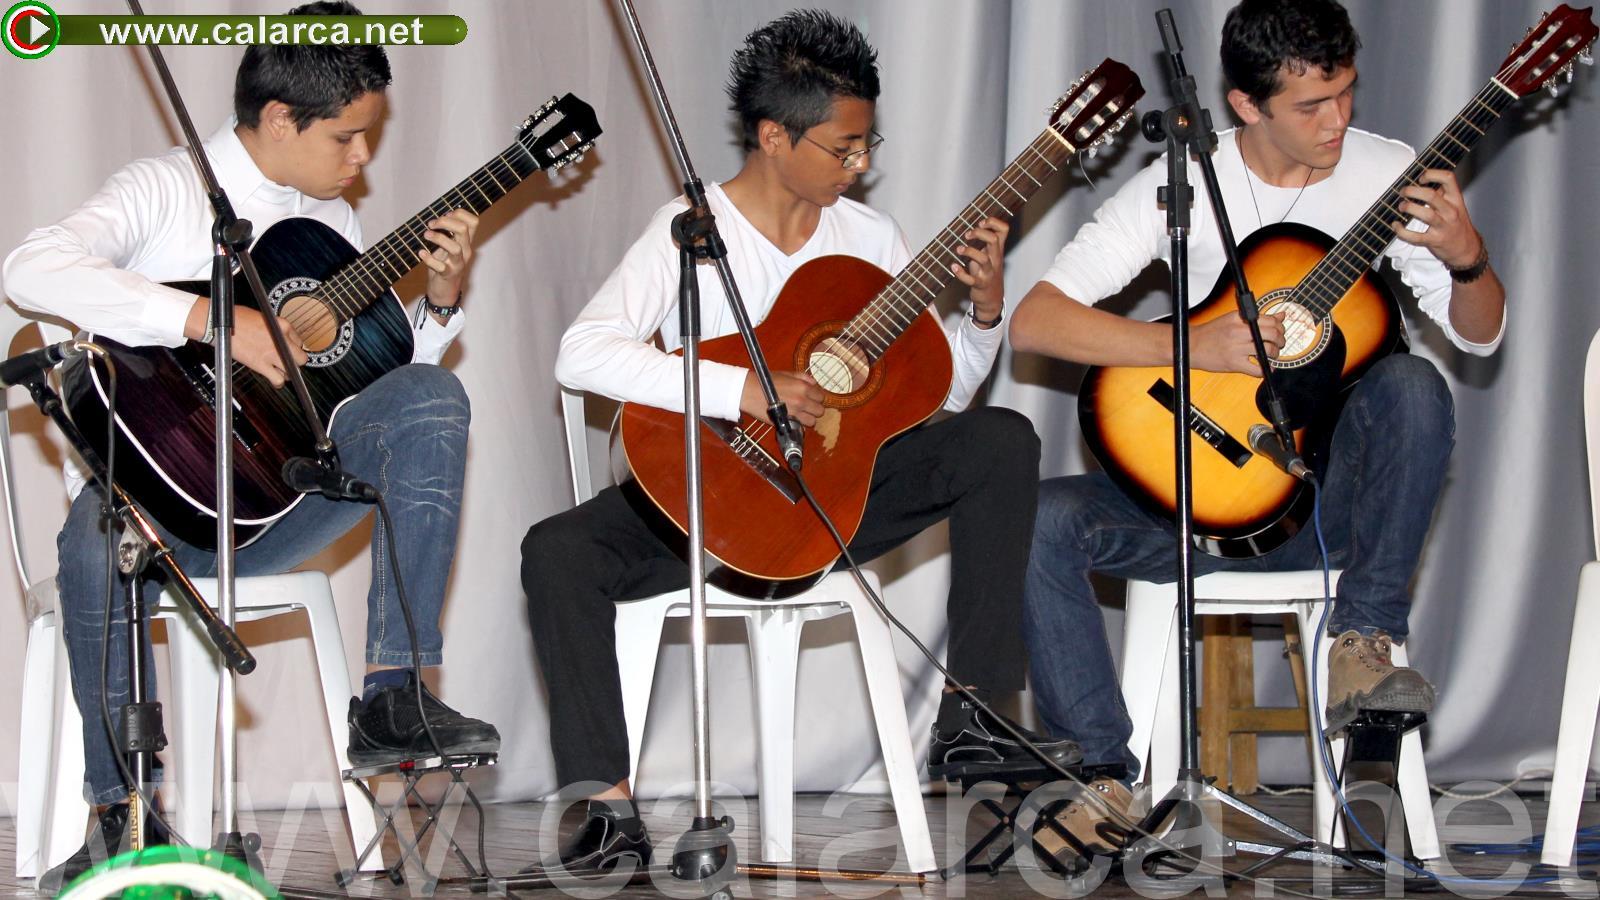 Trío de guitarras